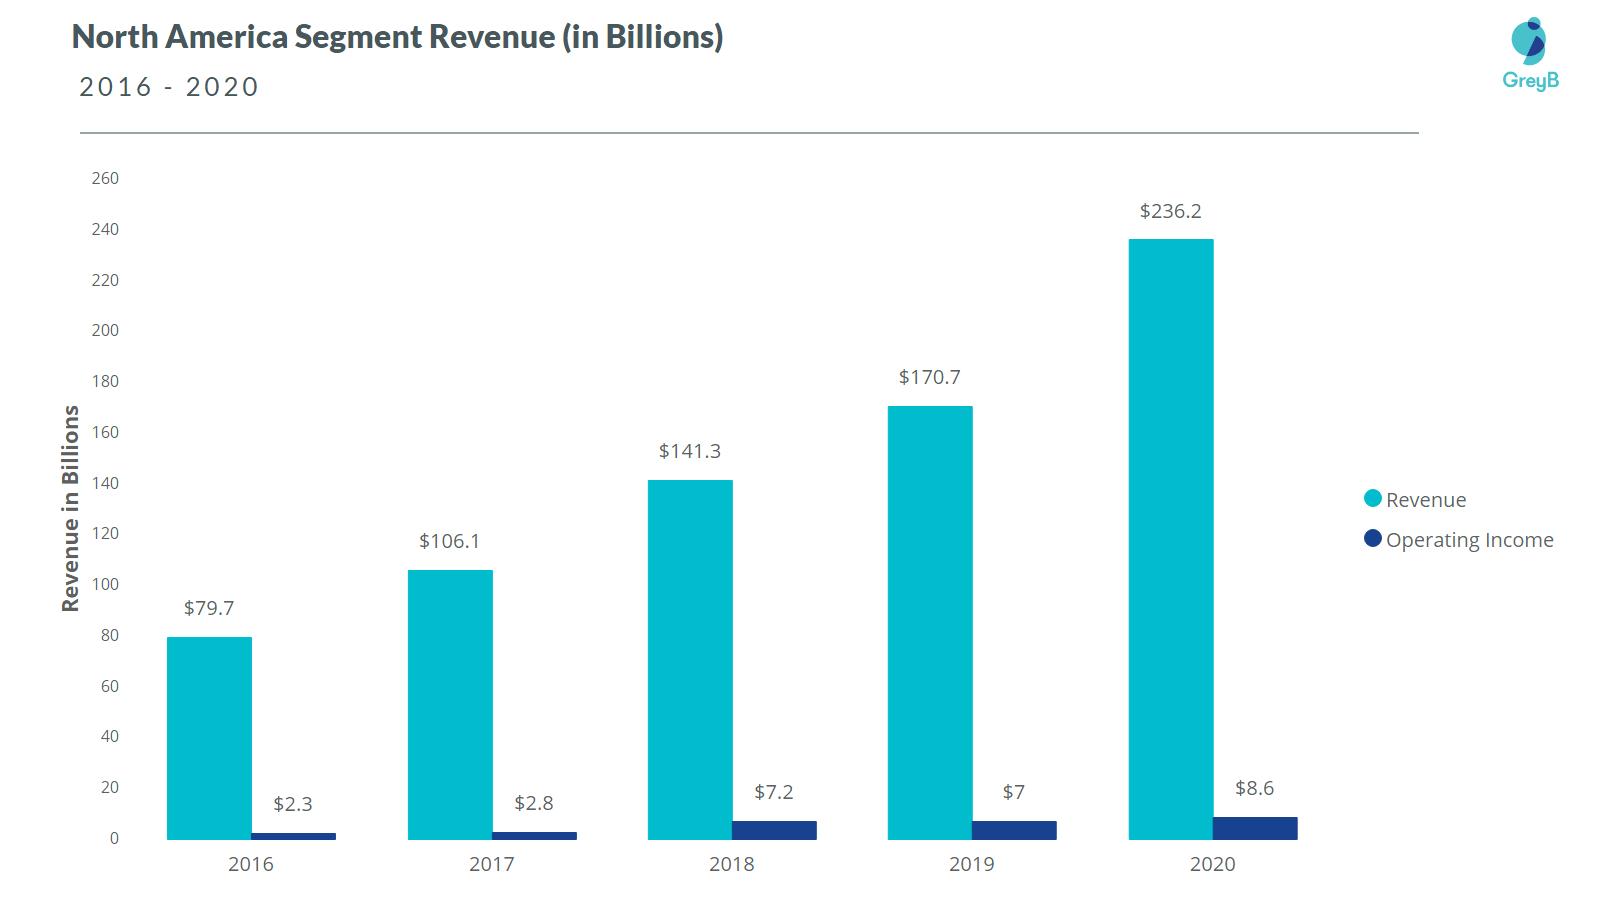 Amazon North America Segment Revenue 2020